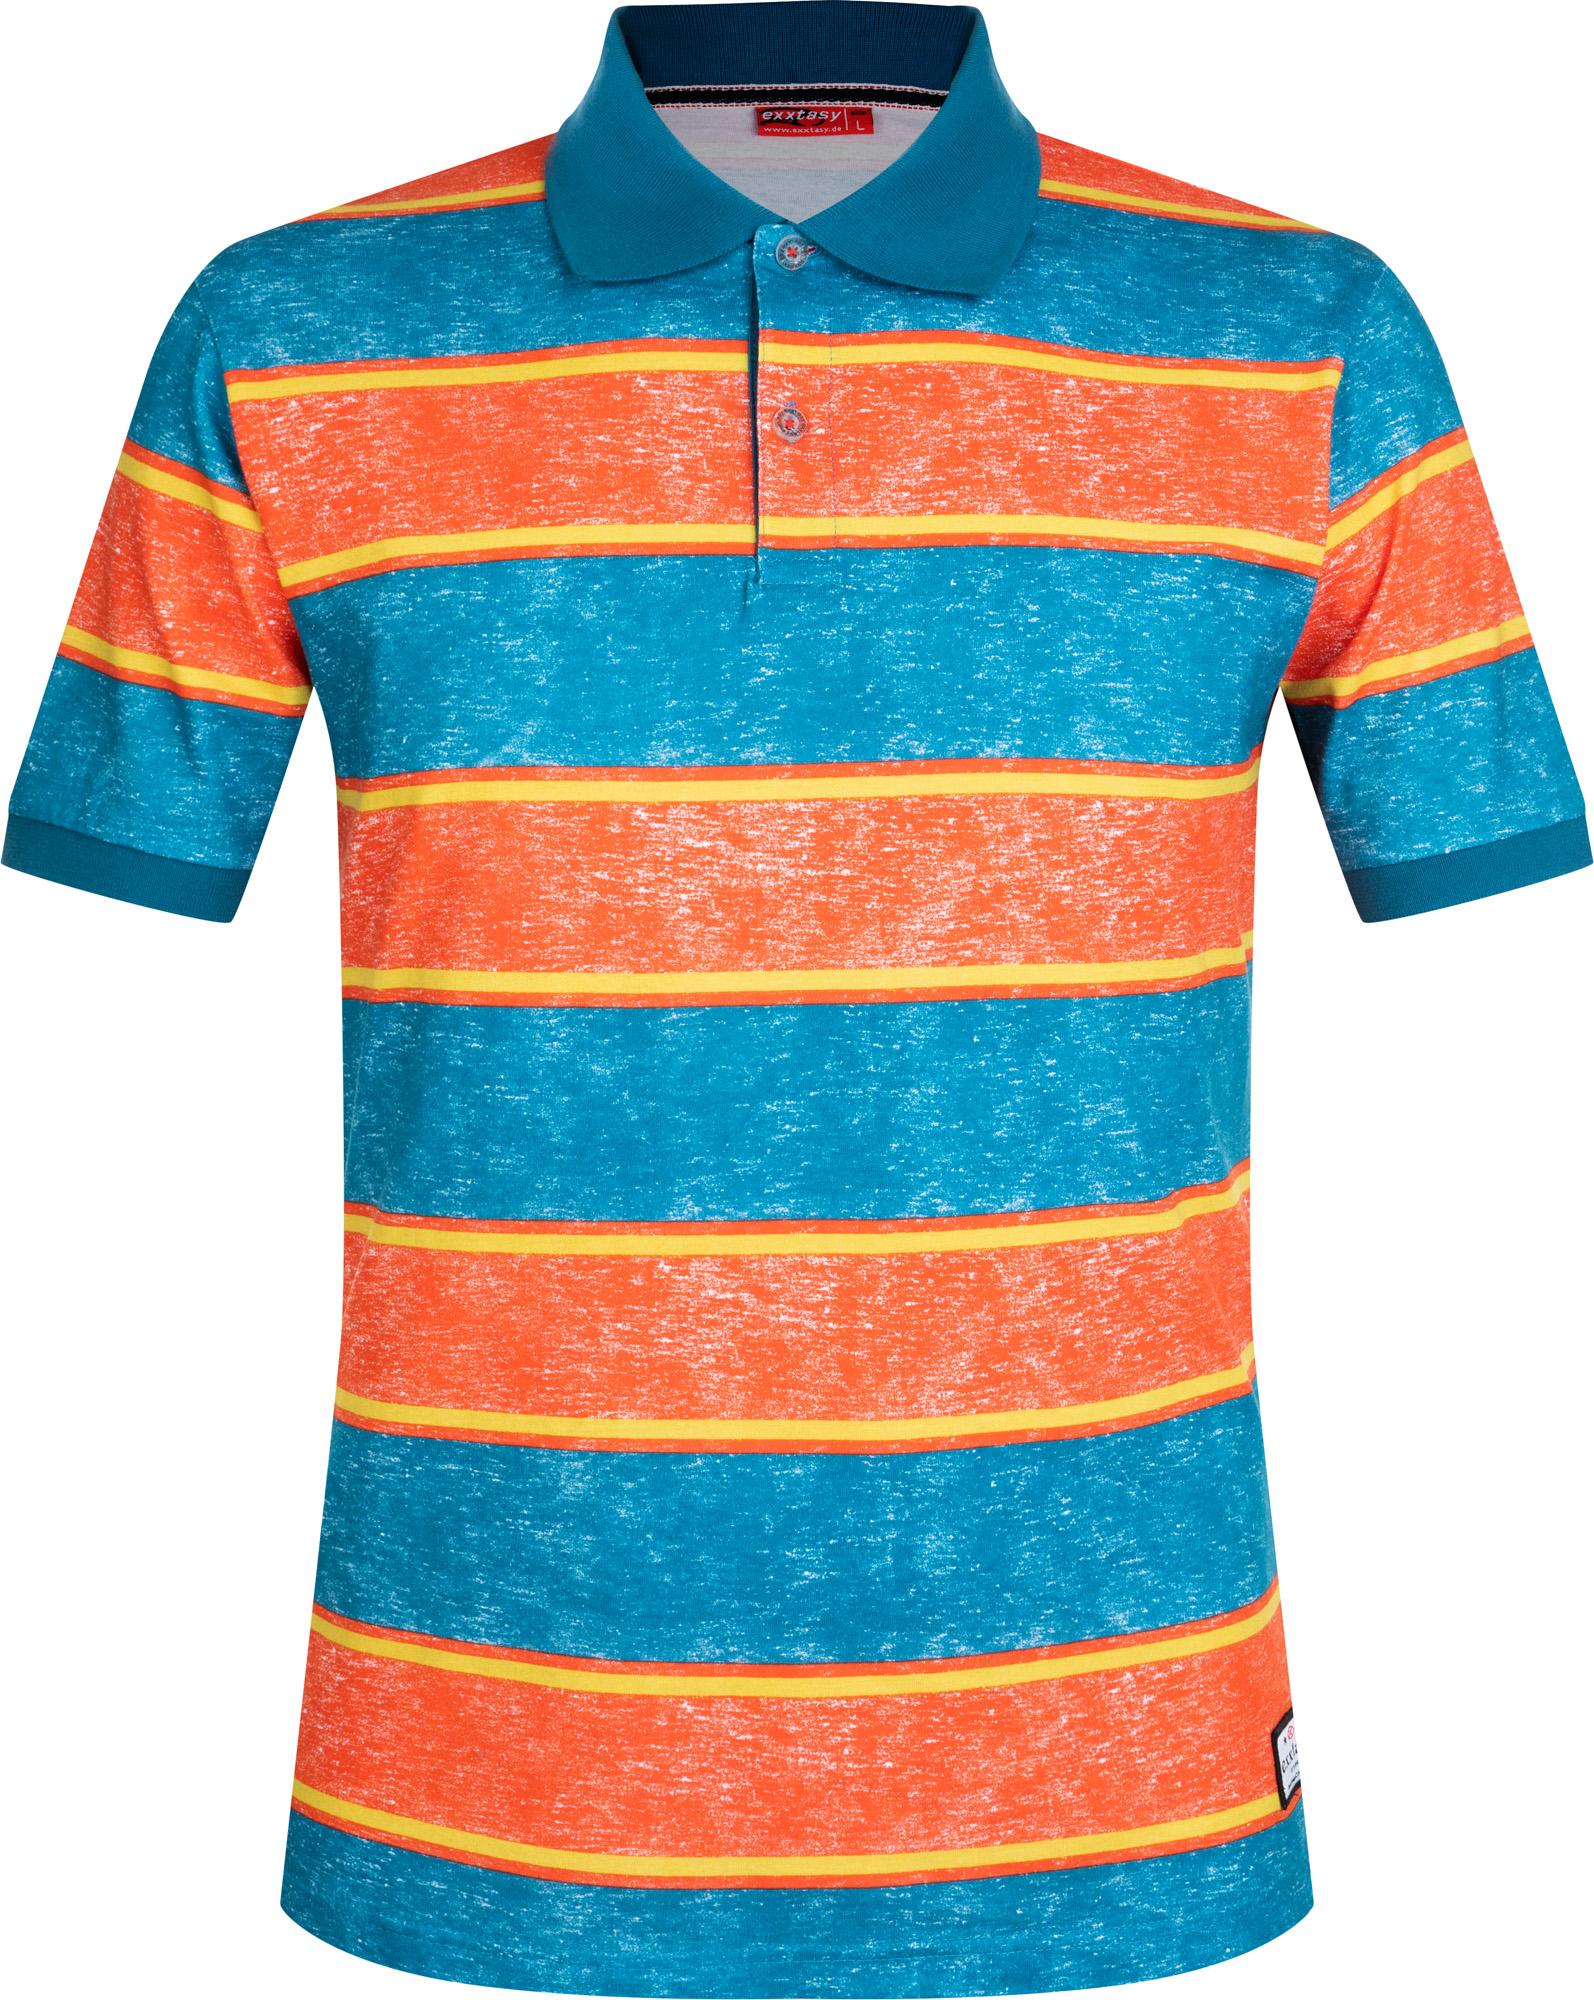 Exxtasy Поло мужское Exxtasy Kirkcaldy, размер 54-56 exxtasy шорты пляжные мужские exxtasy tracy размер 54 56